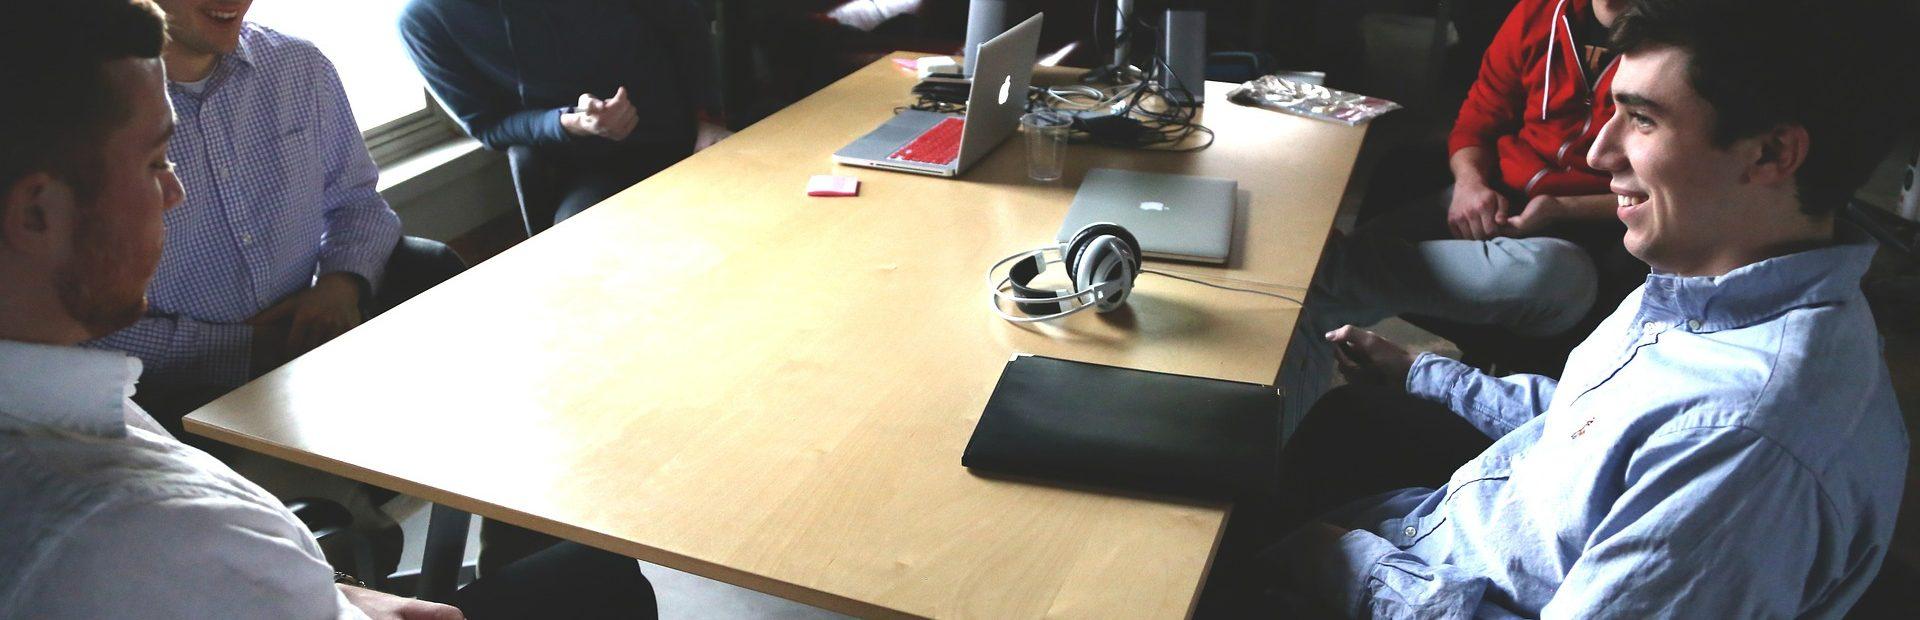 Das Corporate Blog ist gemeinsam mit der Website die digitale Heimat eines Unternehmens.